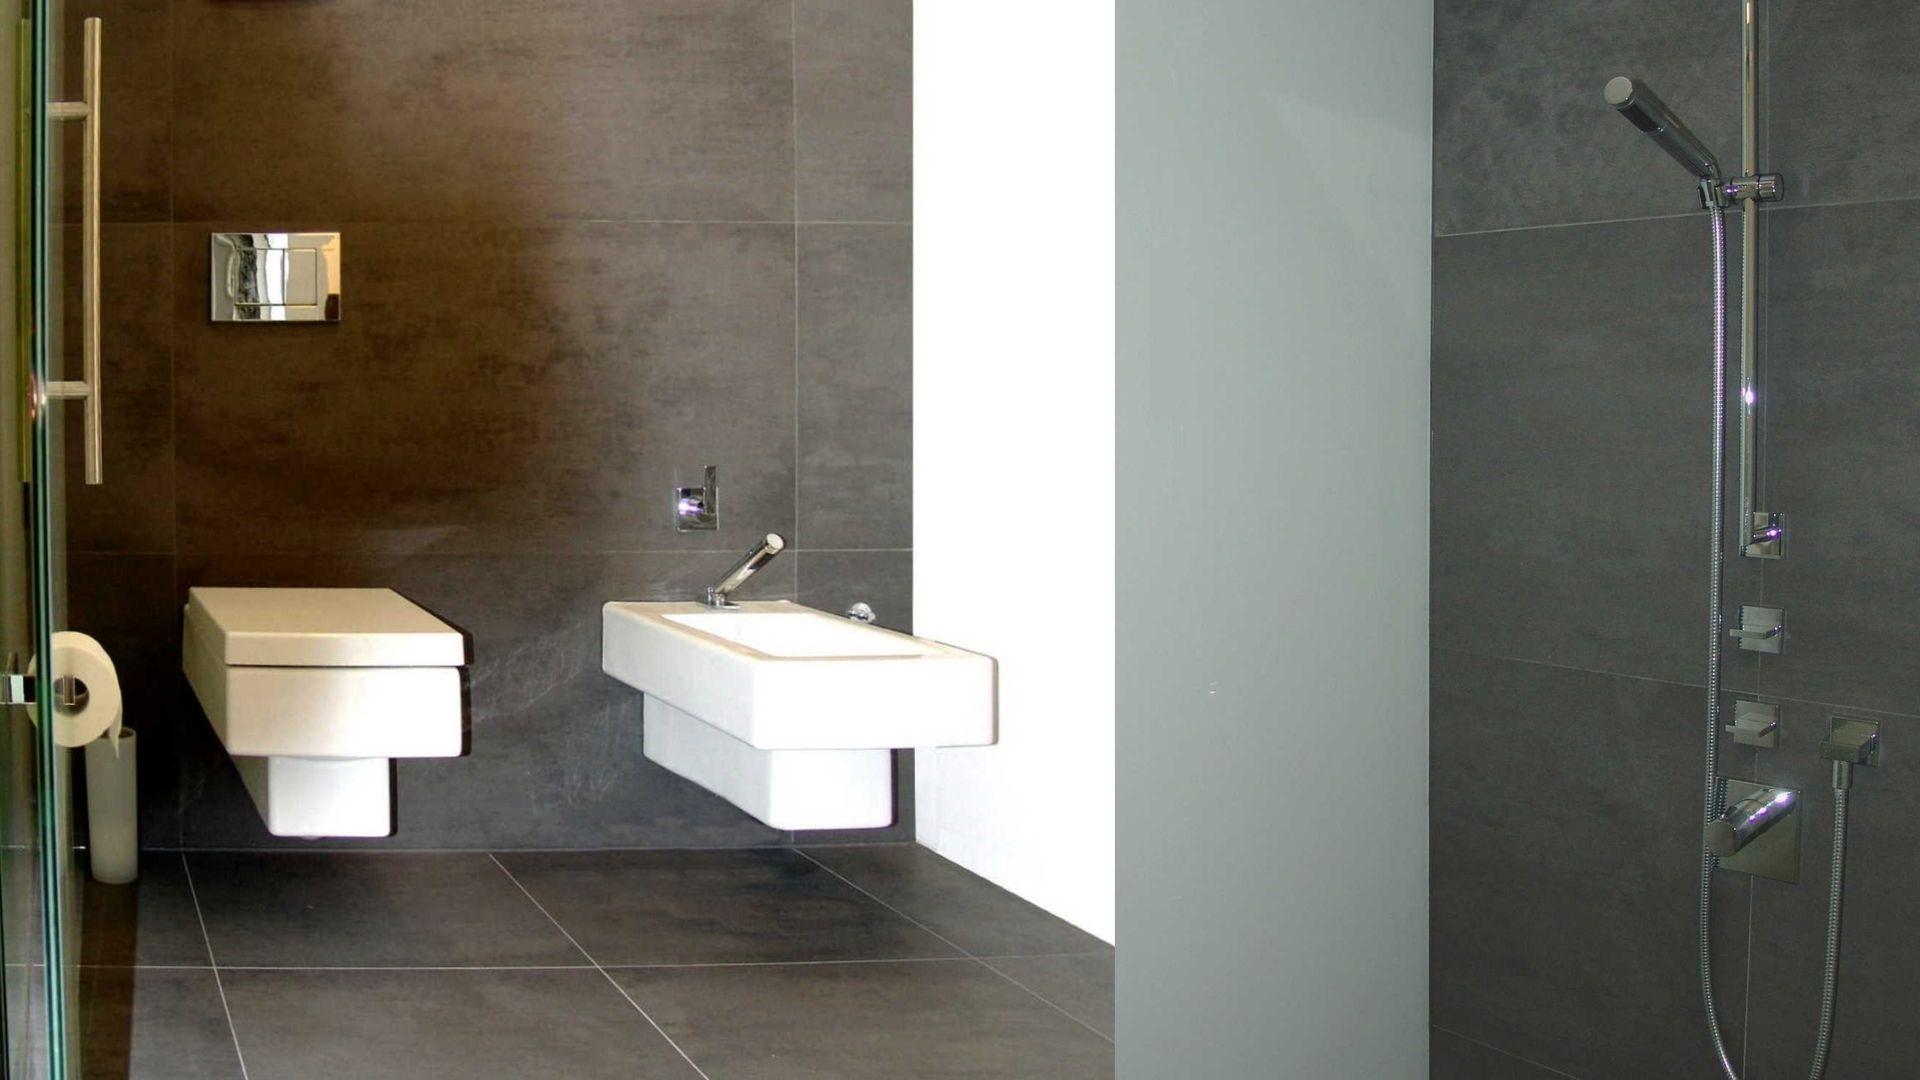 14762796px1920x1080 Einzigartig Freistehende Badewanne Antik Schema